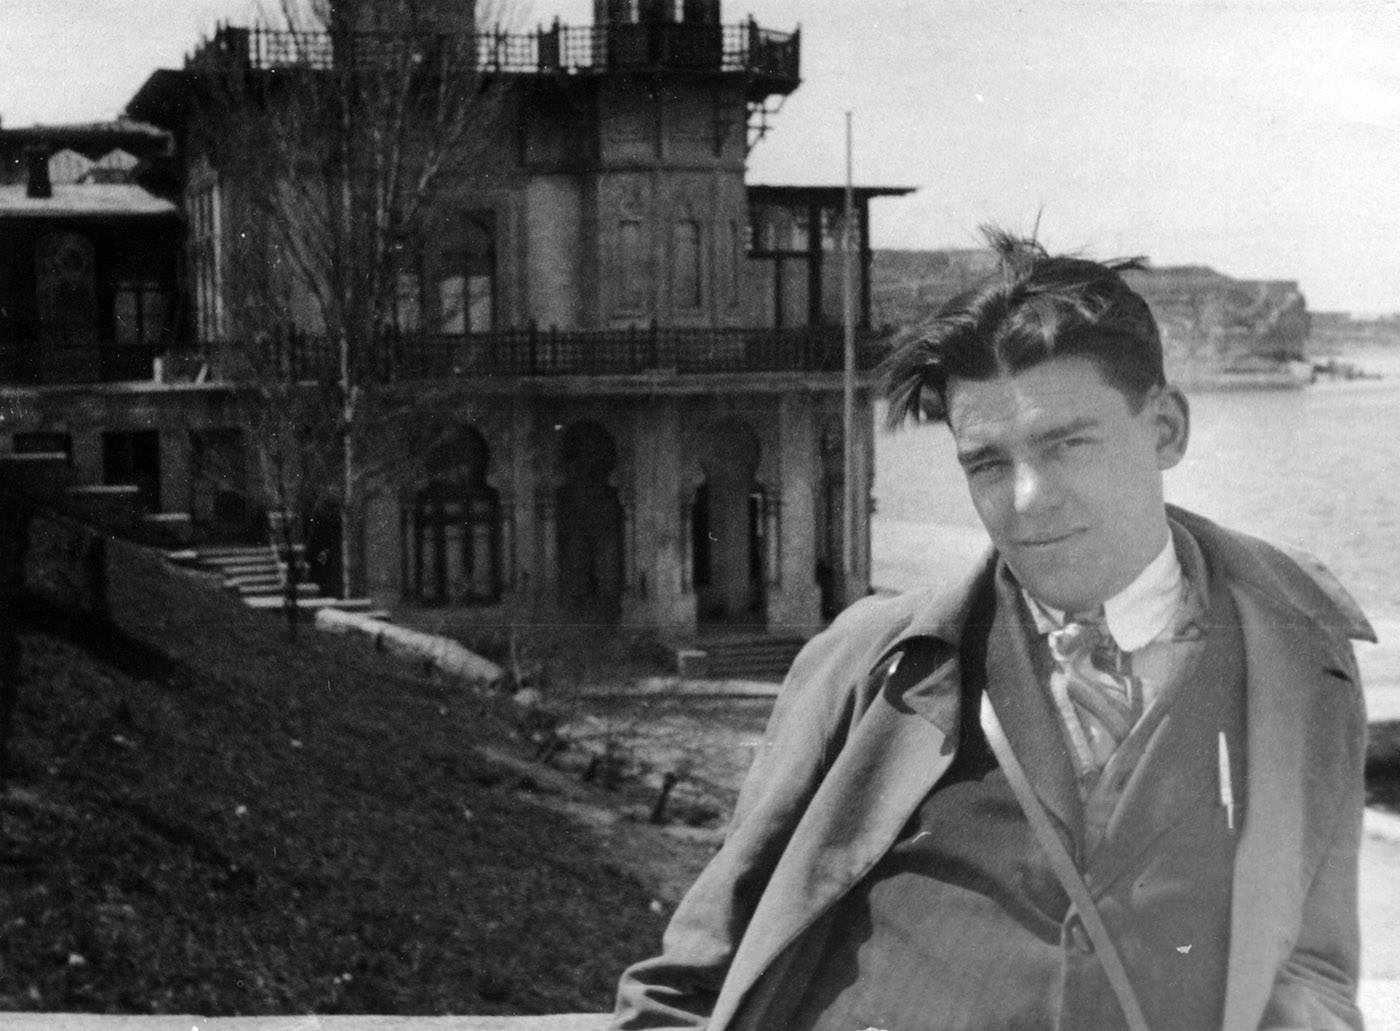 Экспонат #33. Марк Антонович Трояновский. Йокогама. 1932 год